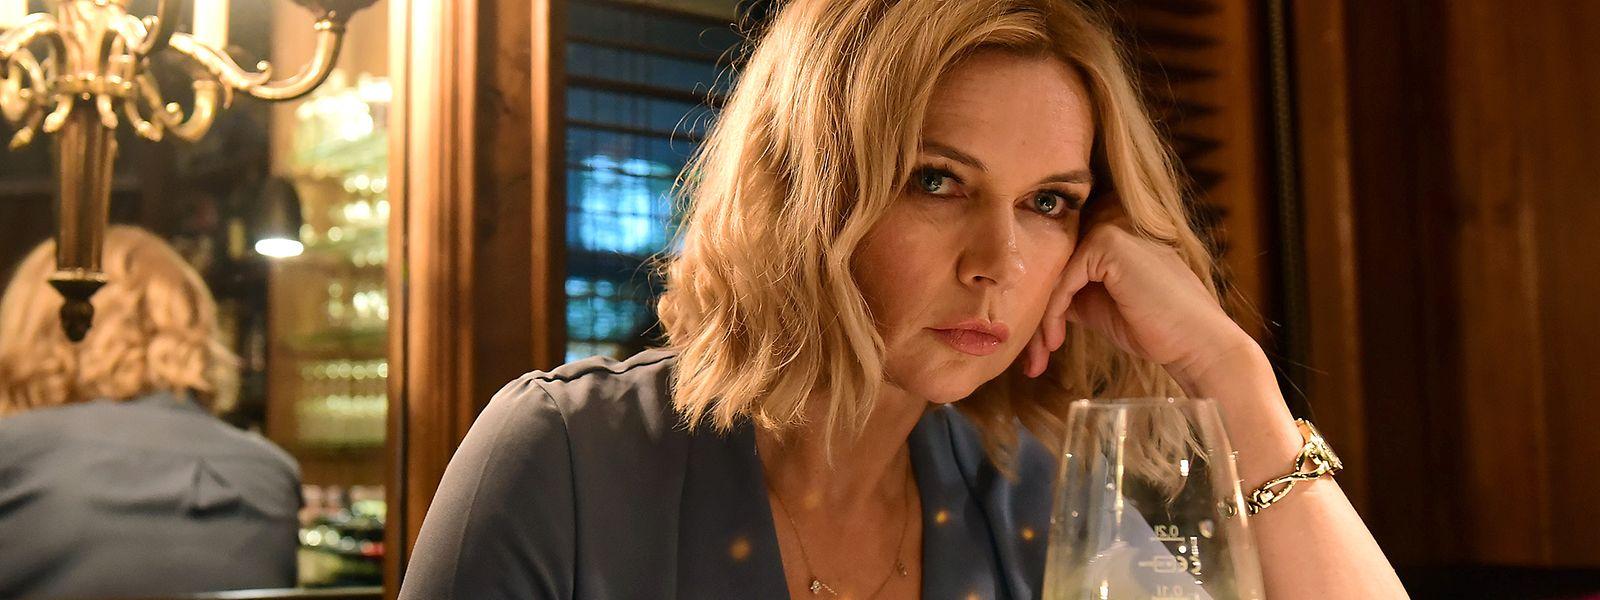 Veronica Ferres in einer eher ungewohnten Rolle: Sabine, die Frau eines deutschen Waffenhändlers, ist unglücklich mit ihrem Leben und sucht Ablenkung davon im Alkohol.